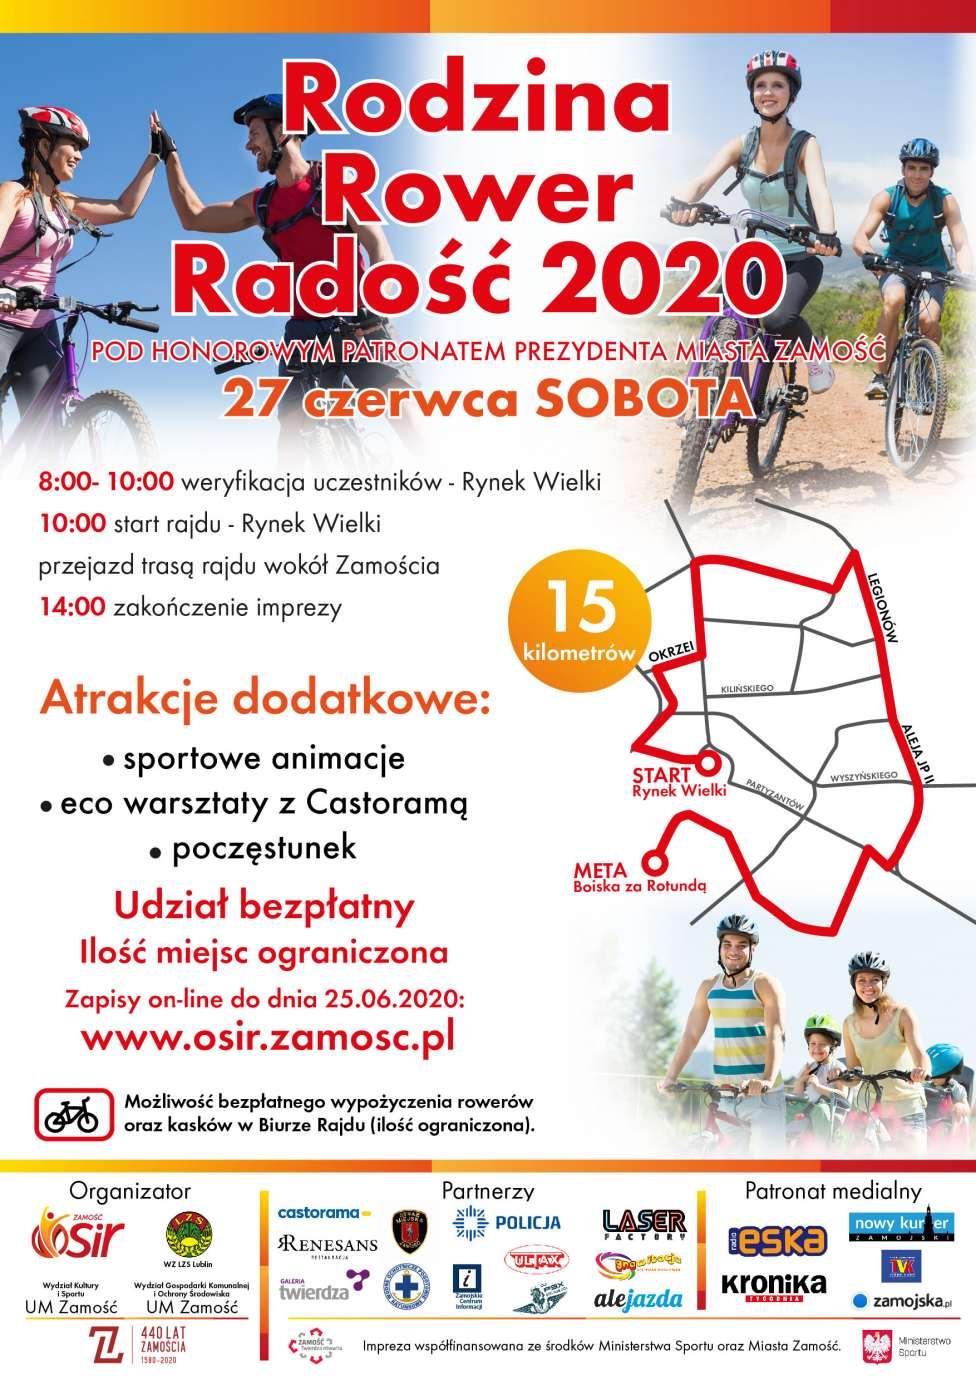 """rodzina radosc rower 2020 v6 02 Zamościanie na rowery! OSIR zaprasza na rajd """"Rodzina, Rower, Radość"""""""